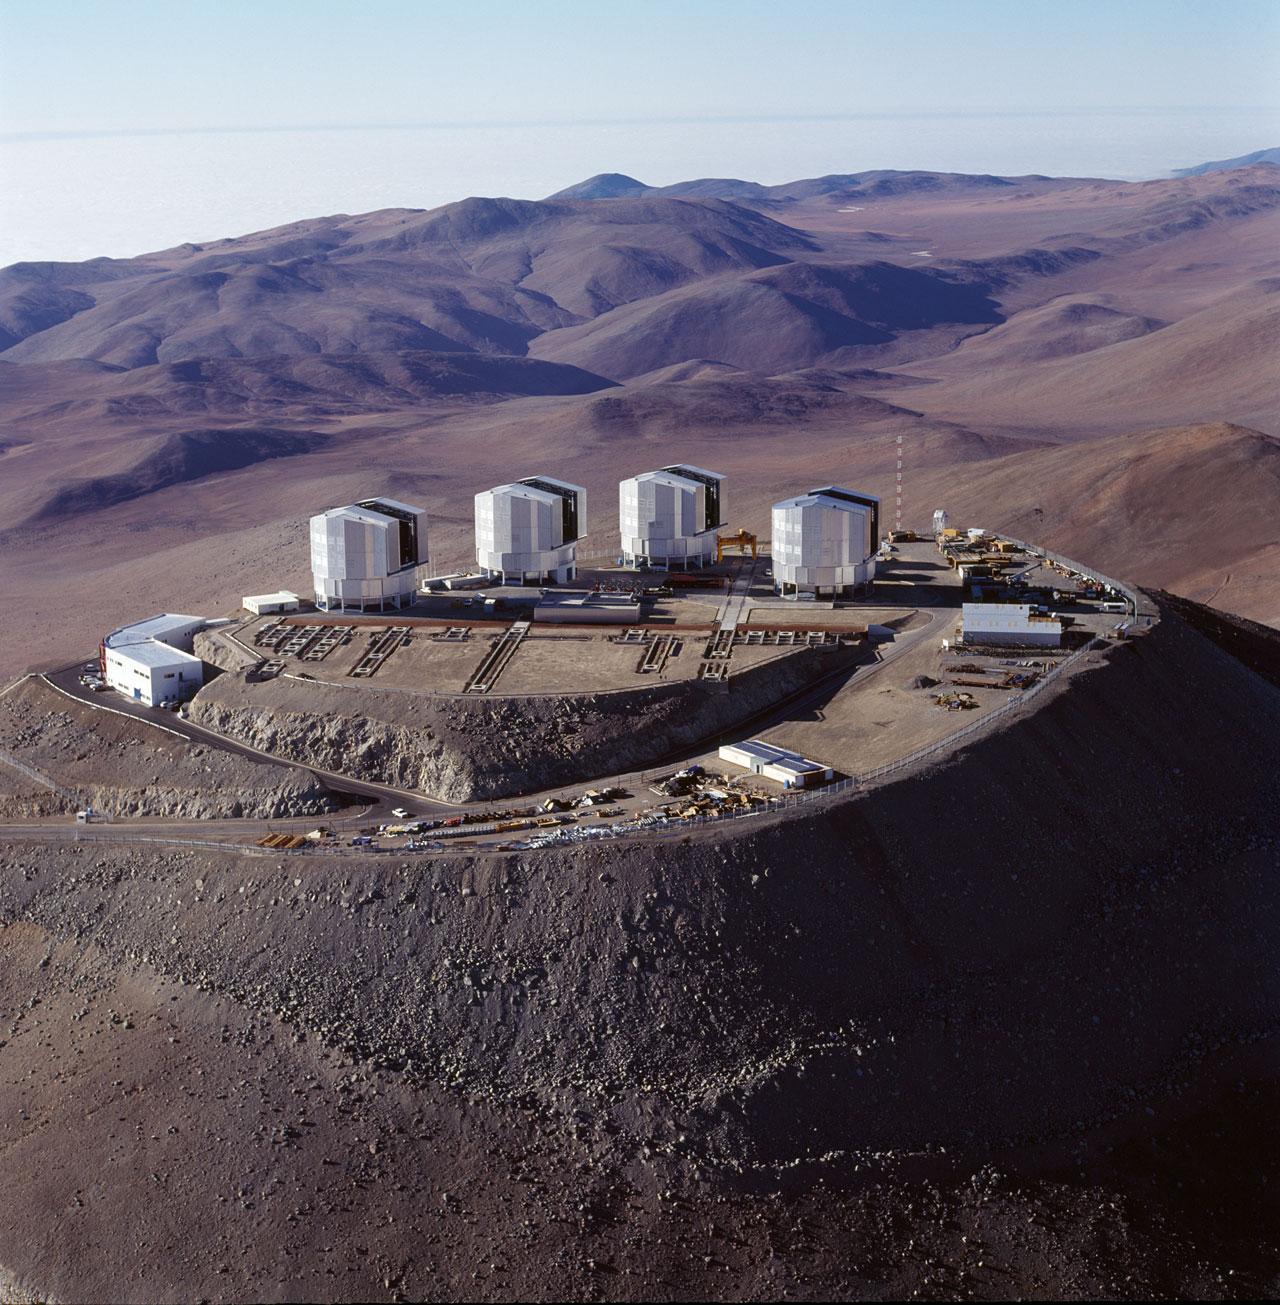 ESO: o observatório em Cerro Paranal em 16 nov 1999